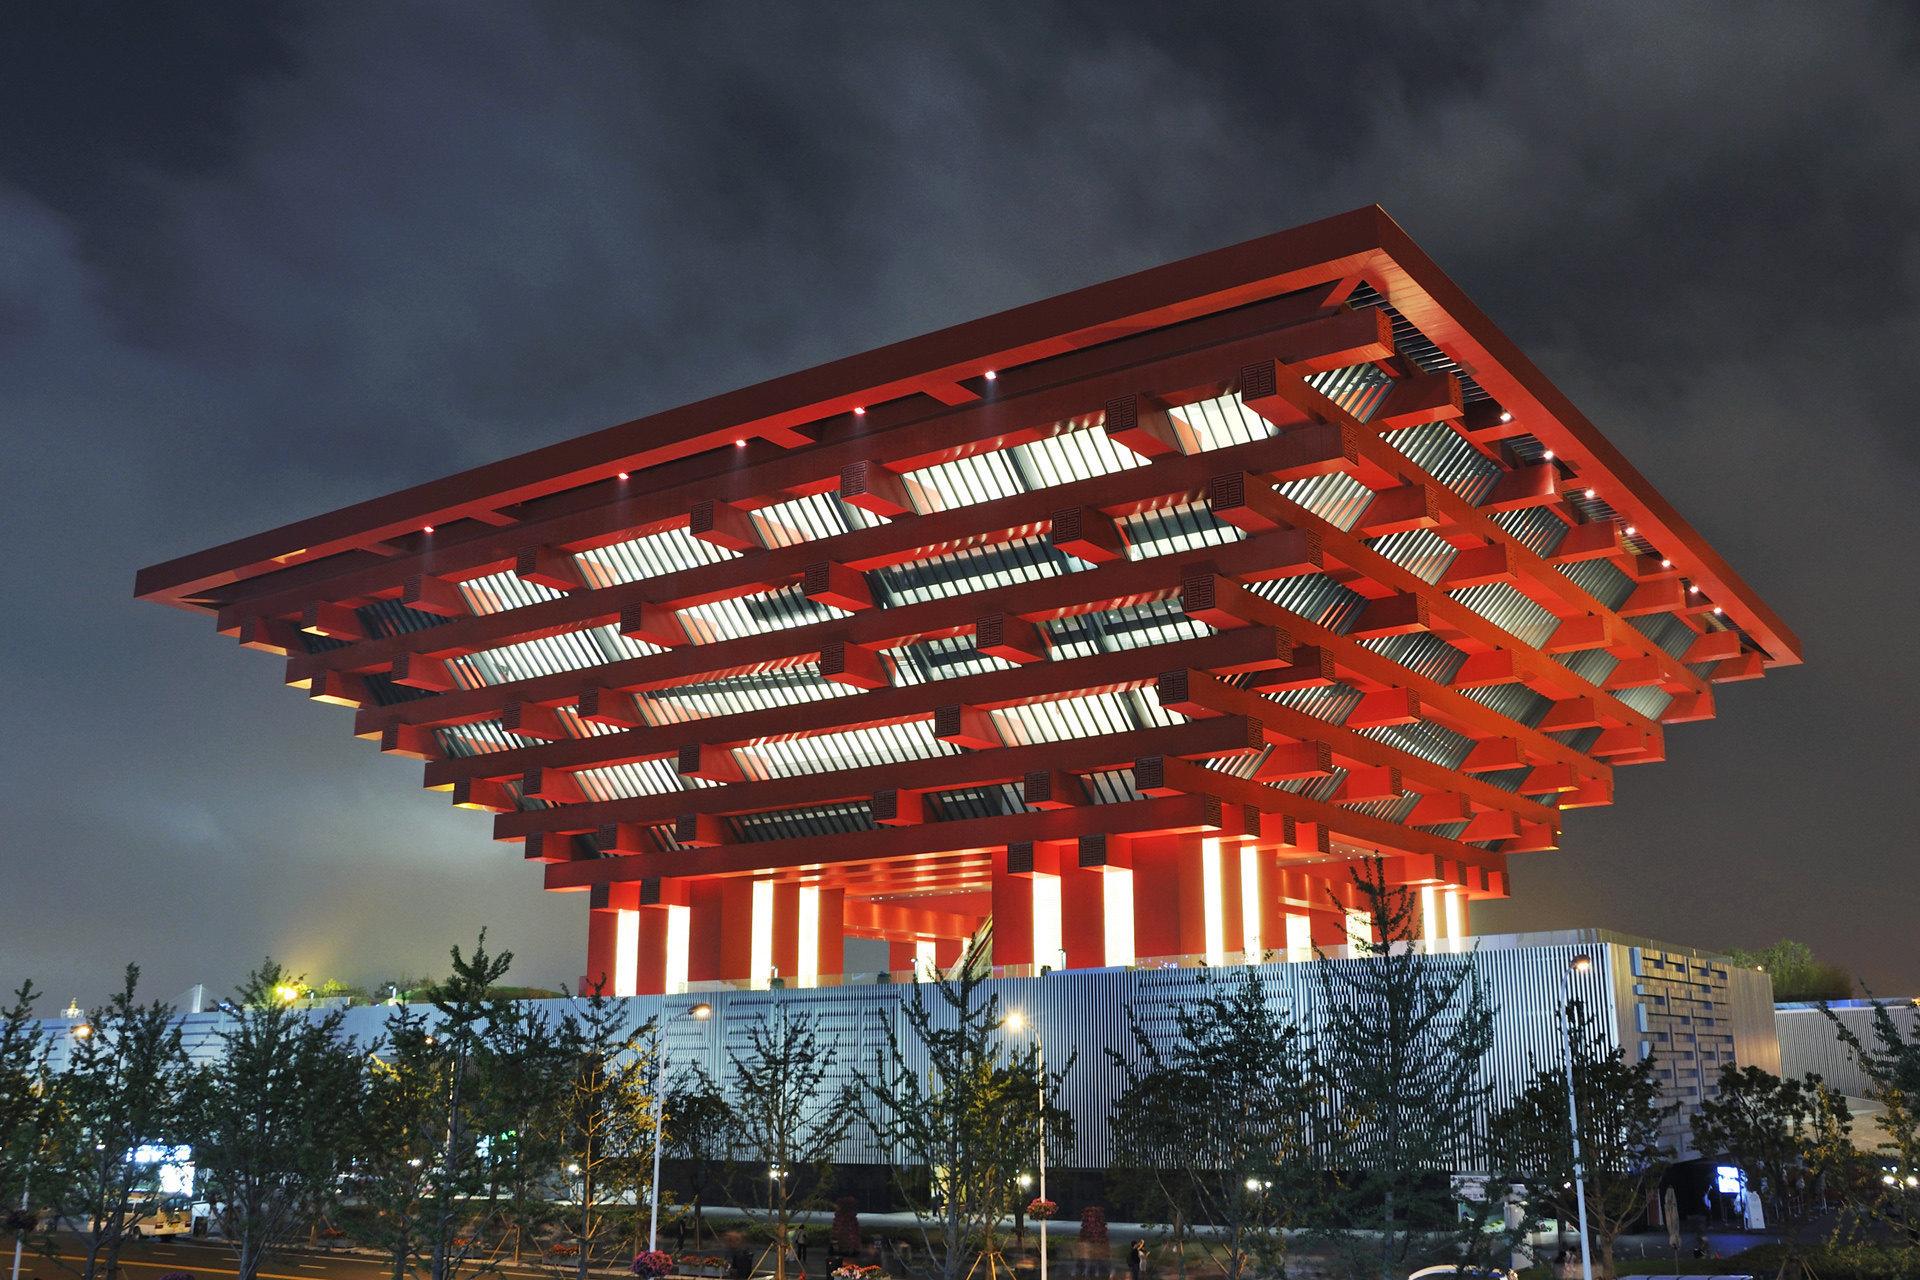 上海中华艺术宫官网_中华艺术宫当代艺术博物馆发布试展观展指引